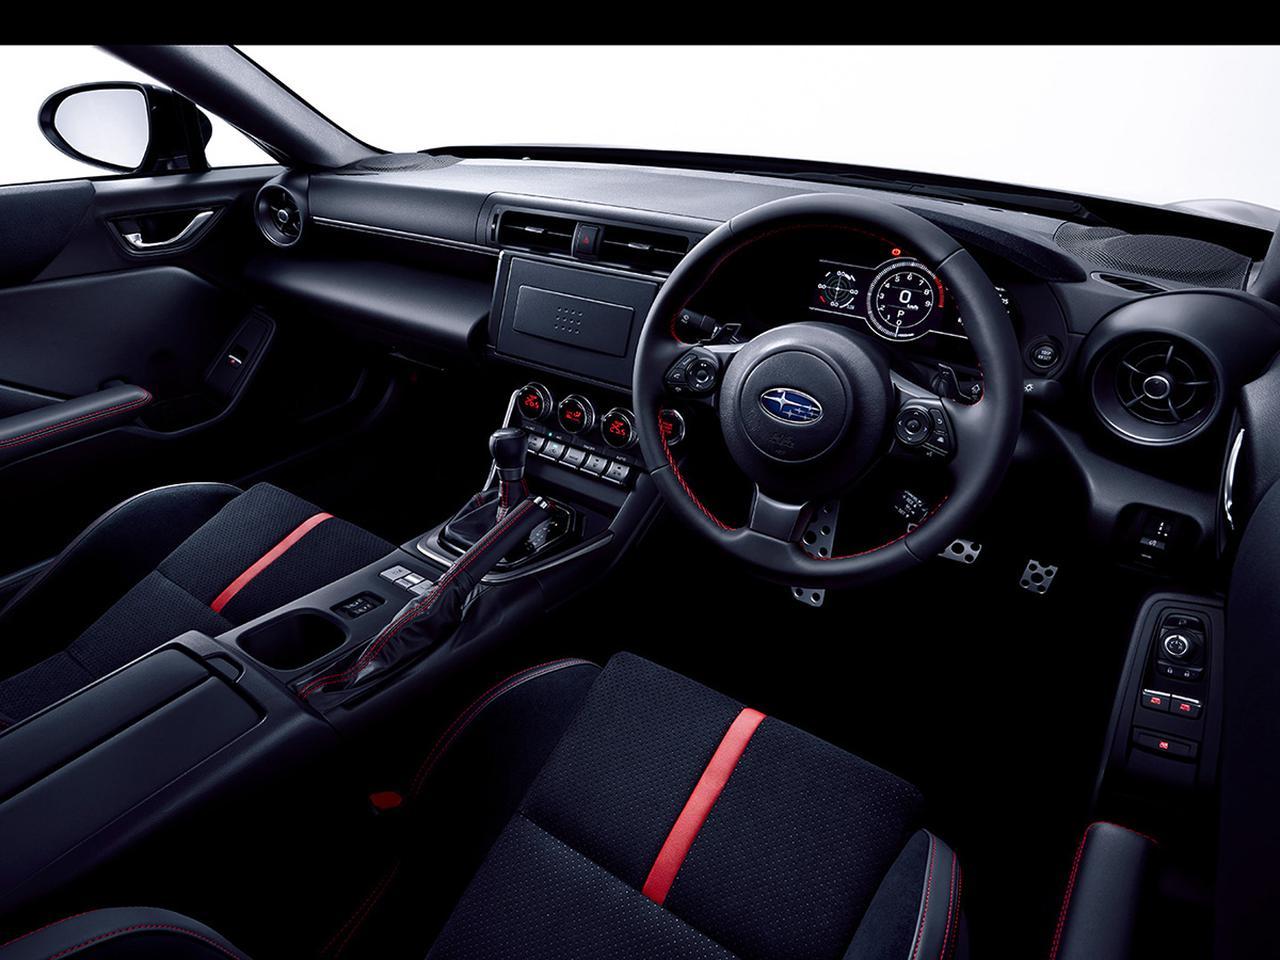 画像: ドライバーが運転に集中できるコックピットを念頭に、シンプルな水平基調のインパネや低く設置したメーターバイザーを採用。